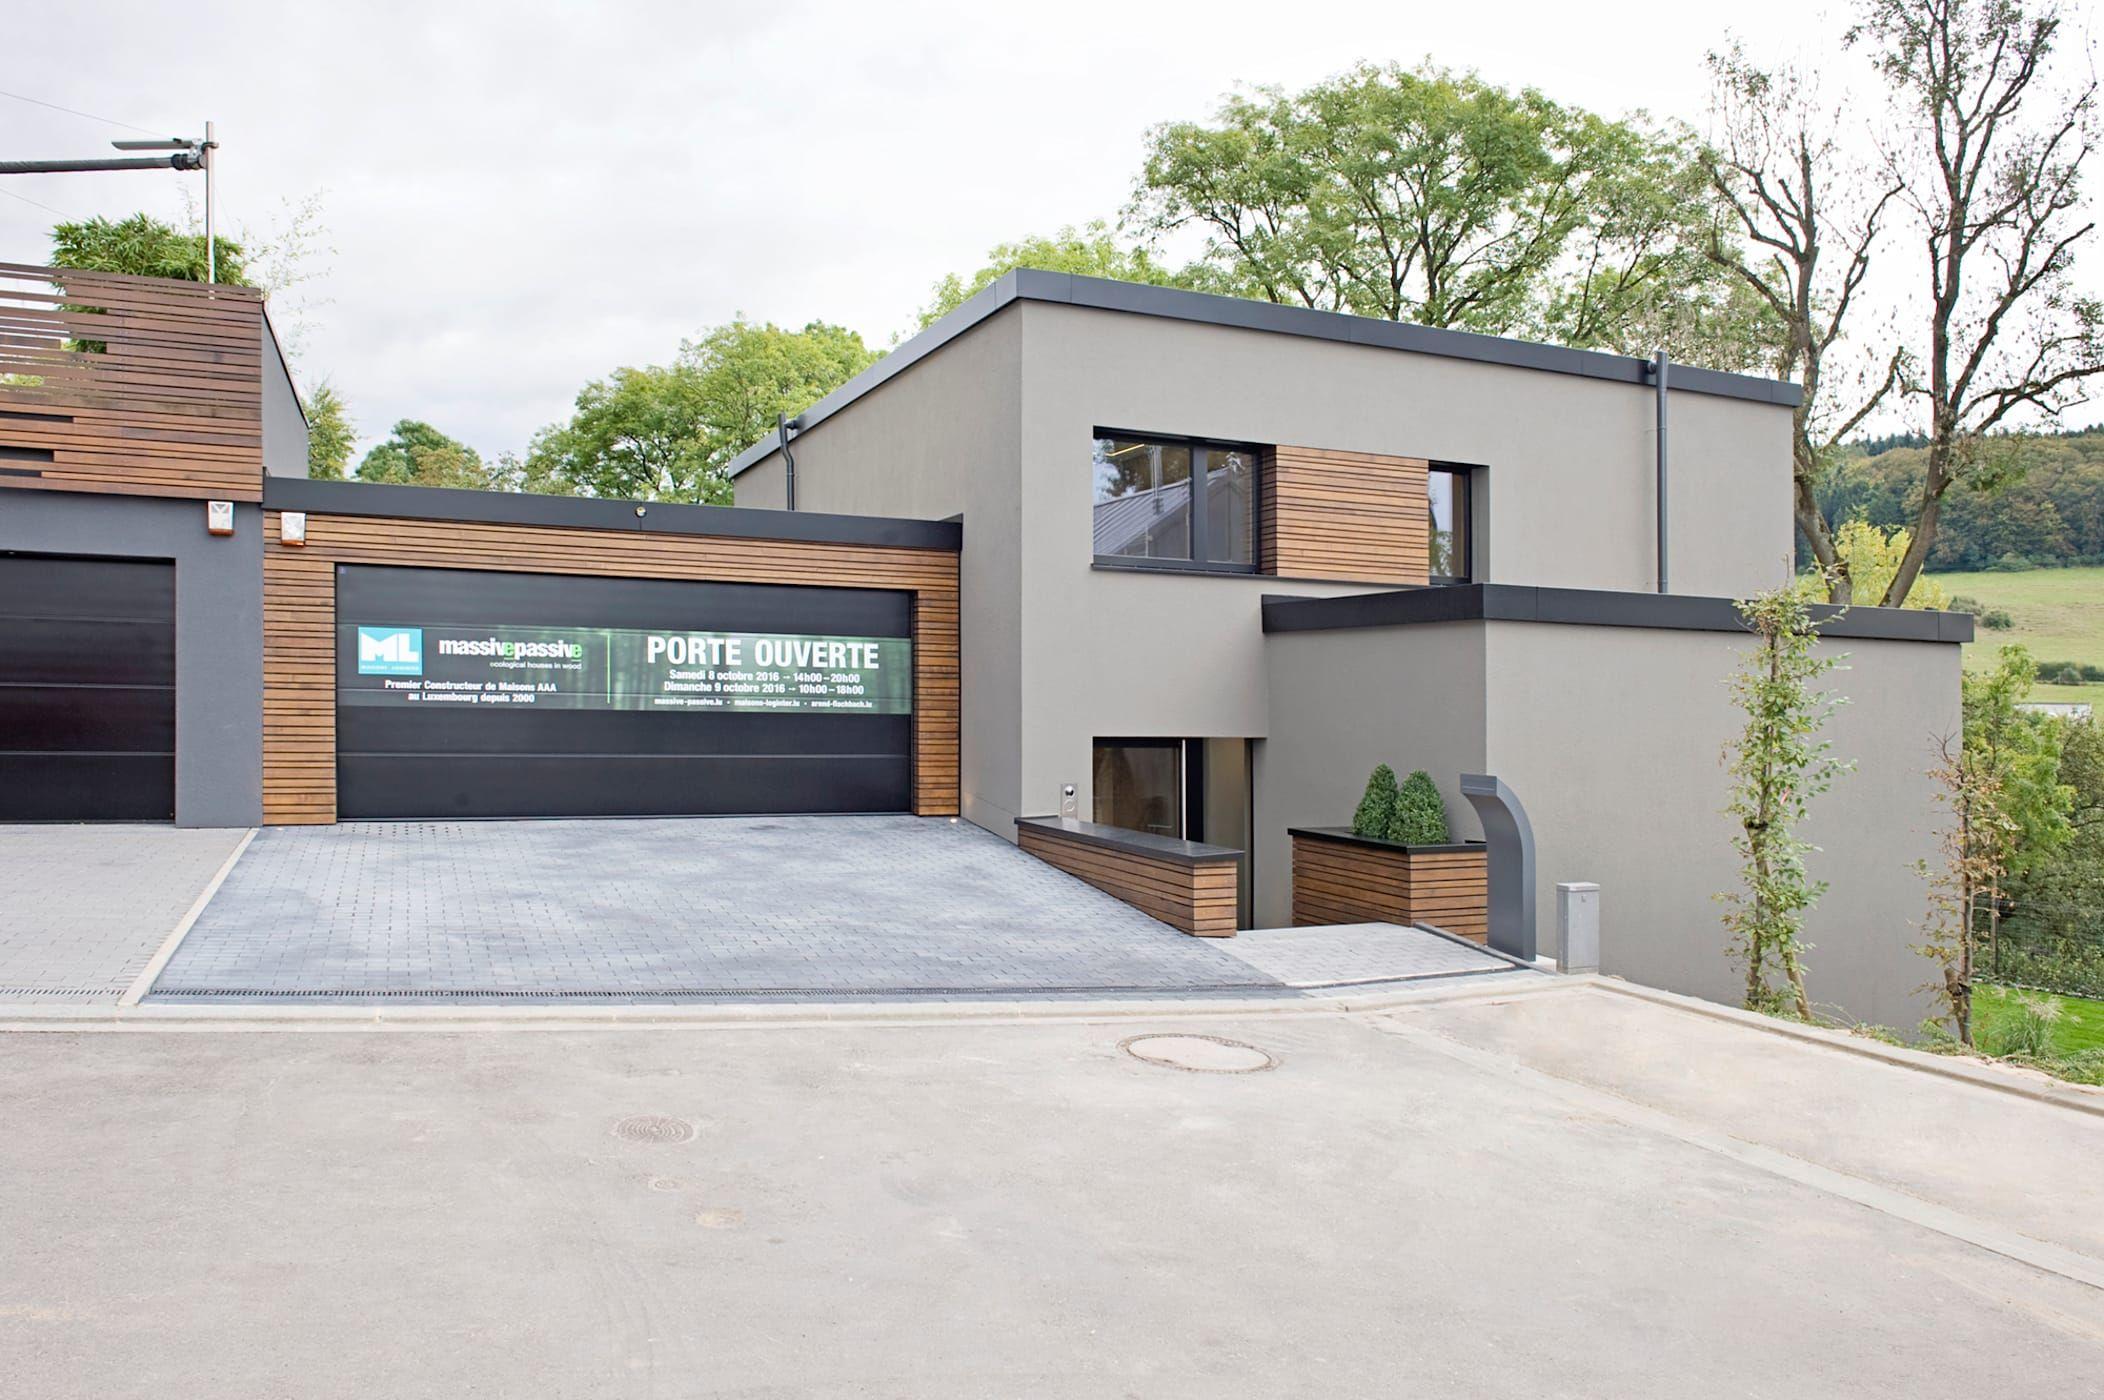 Hybrides und ökologisches einfamilienhaus aus beton und massivholz in mersch (luxemburg) moderne häuser von massive passive modern | homify